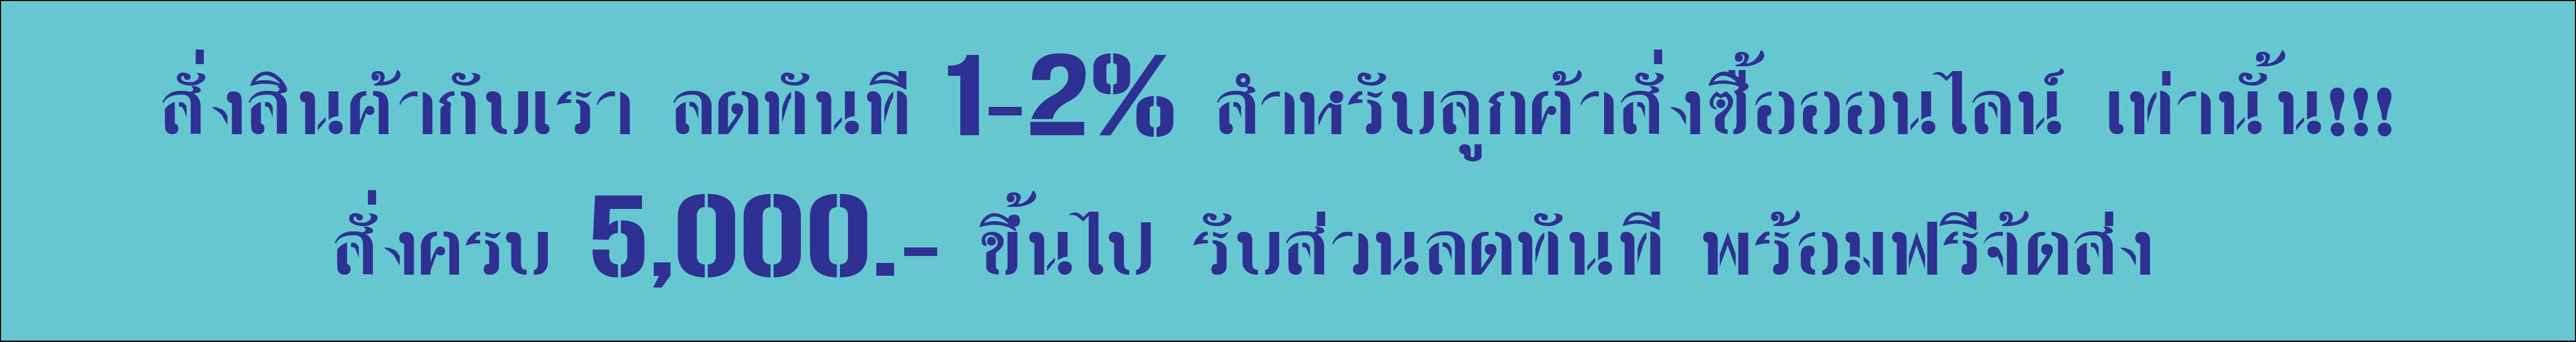 สั่งซื้อออนไลน์ 1-2%